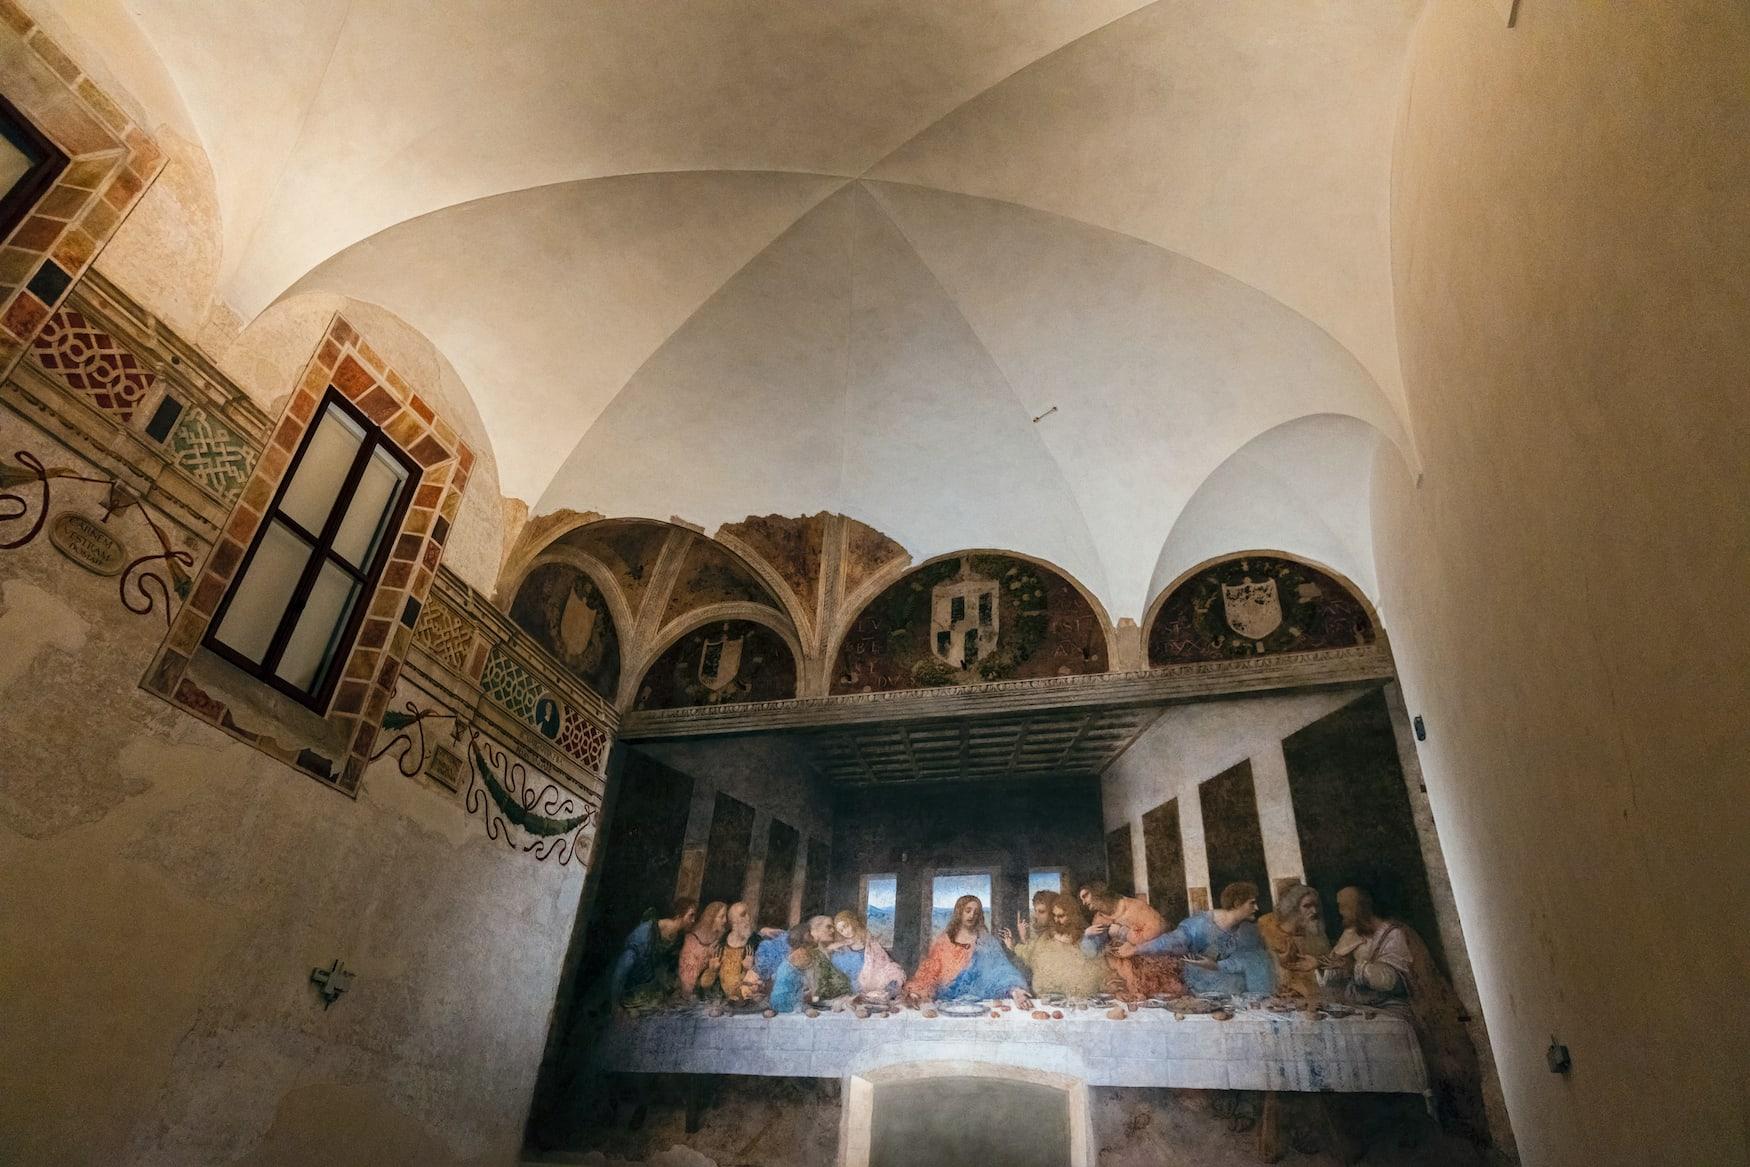 Eines der bekanntesten Meisterwerke der Welt ist Das letzte Abendmahl von Leonardo da Vinci